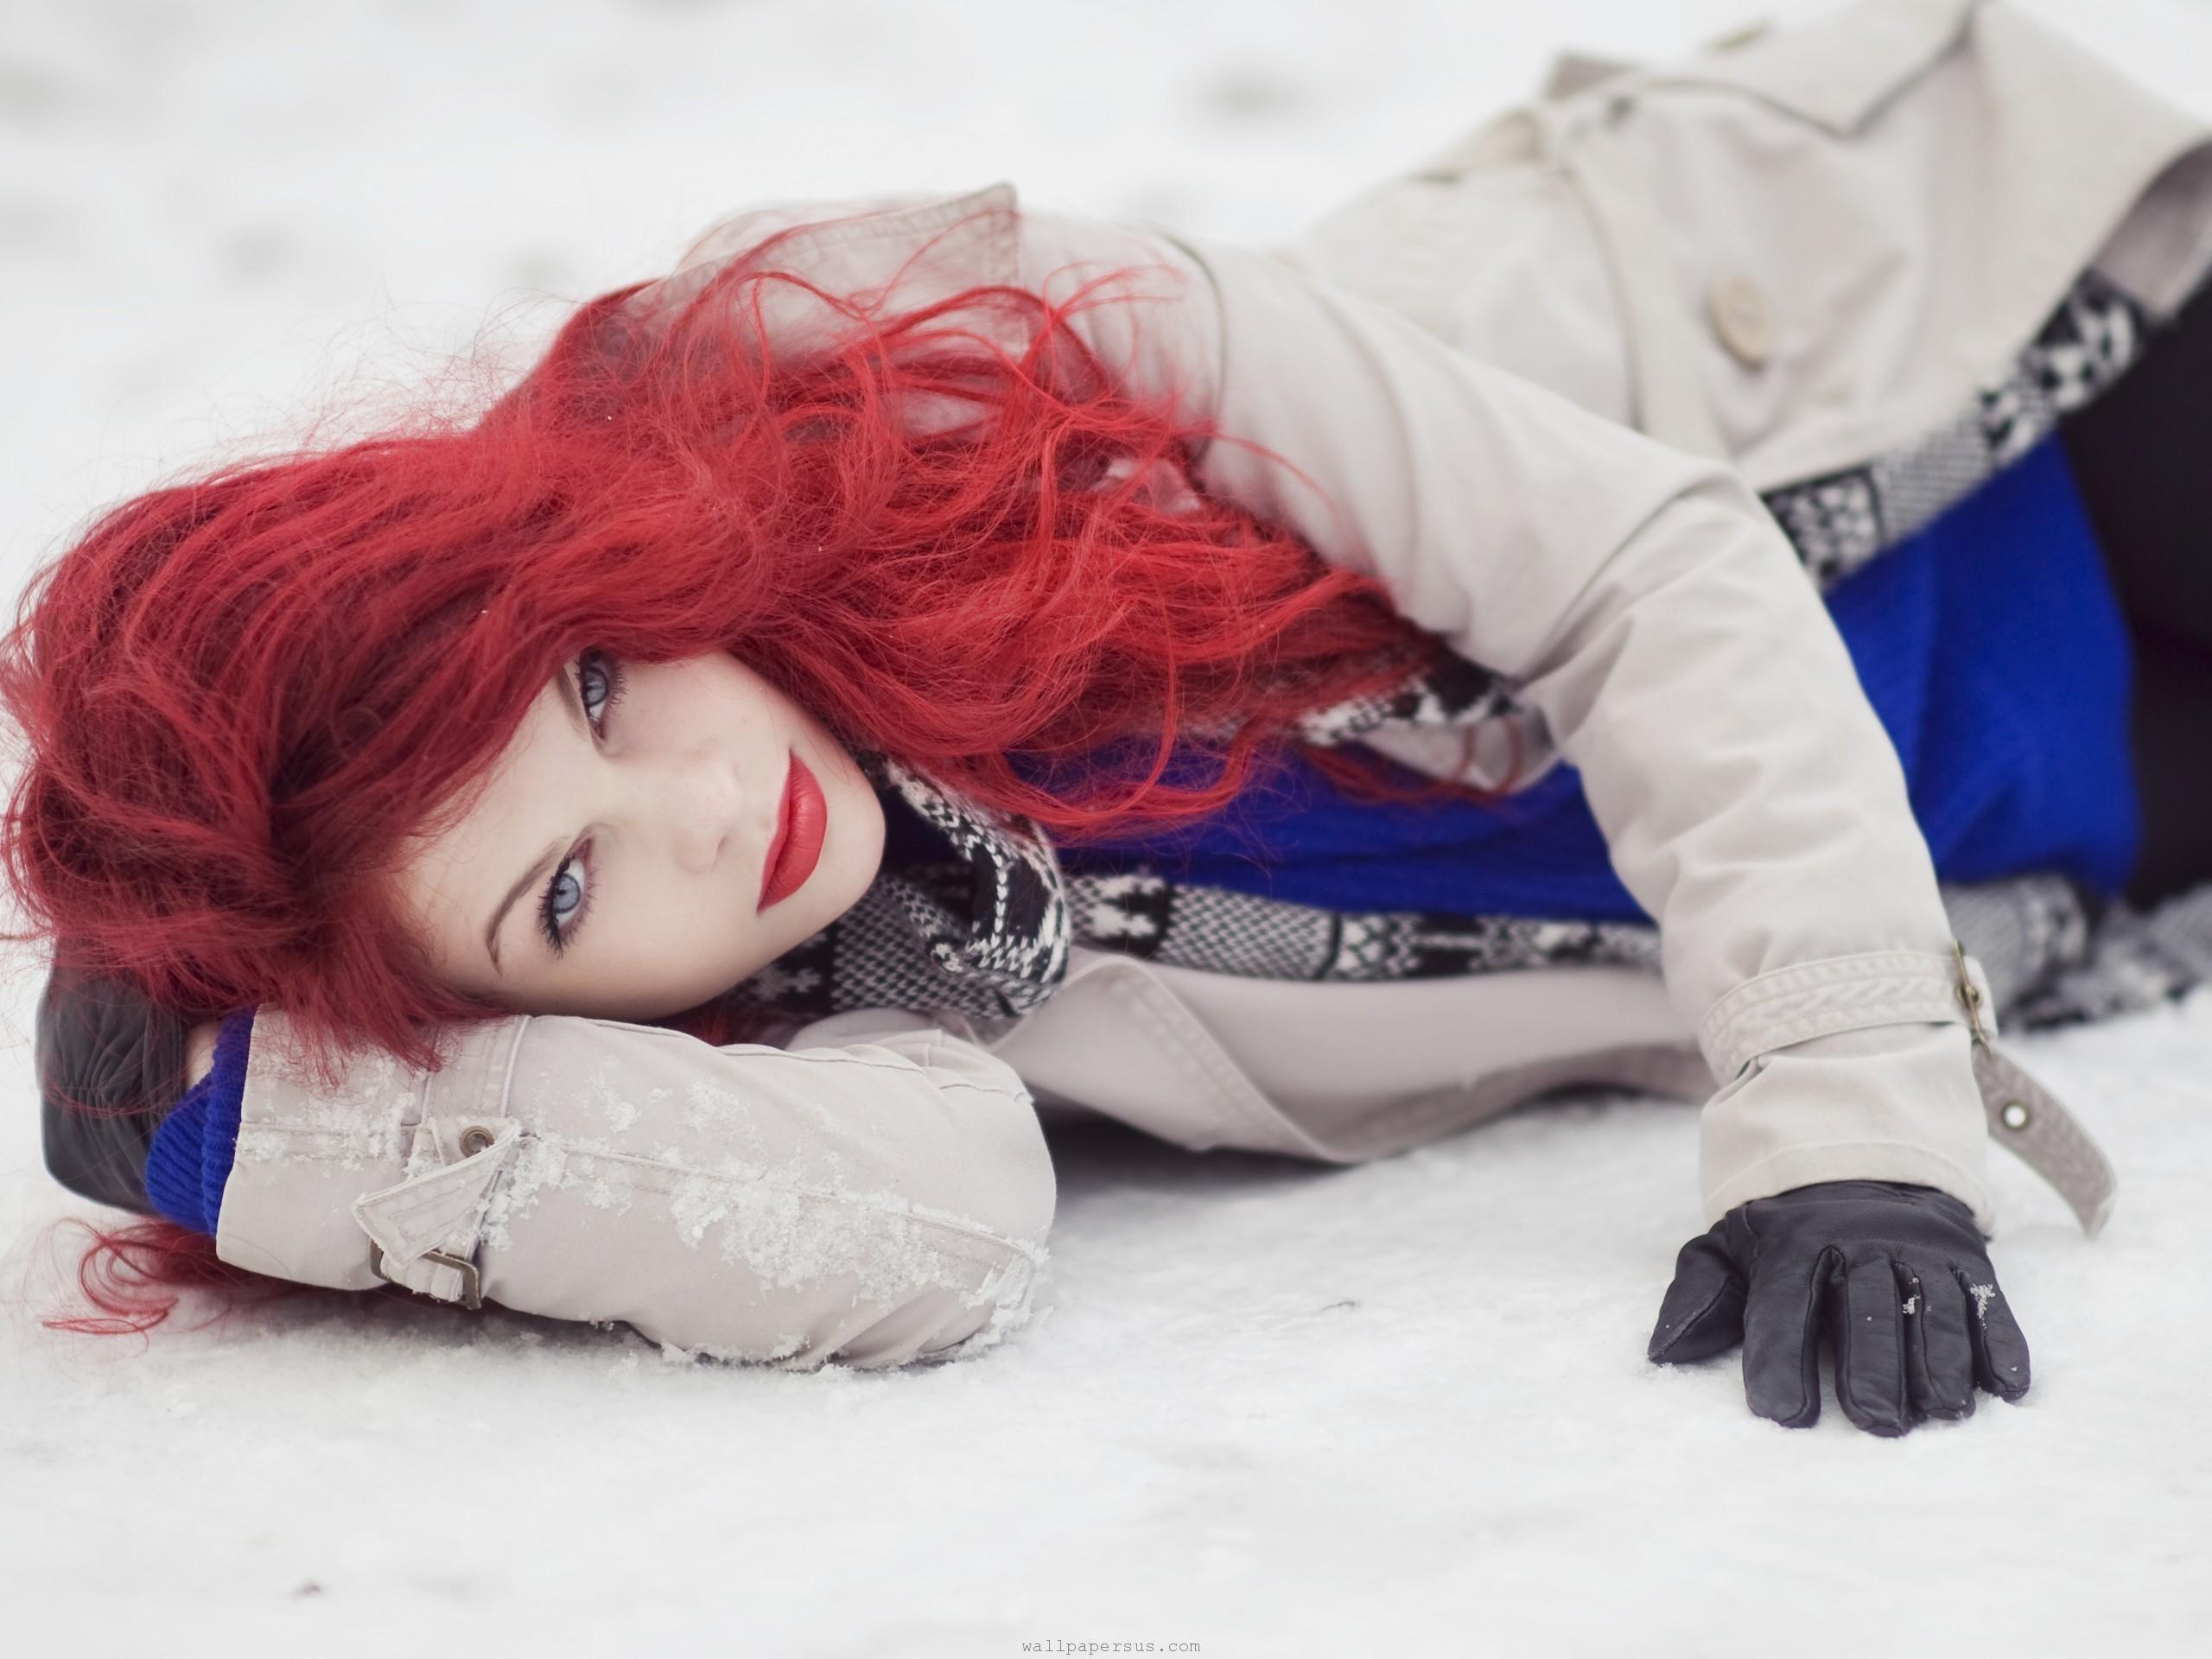 Рыжая девушка в шубке  № 1952850 без смс